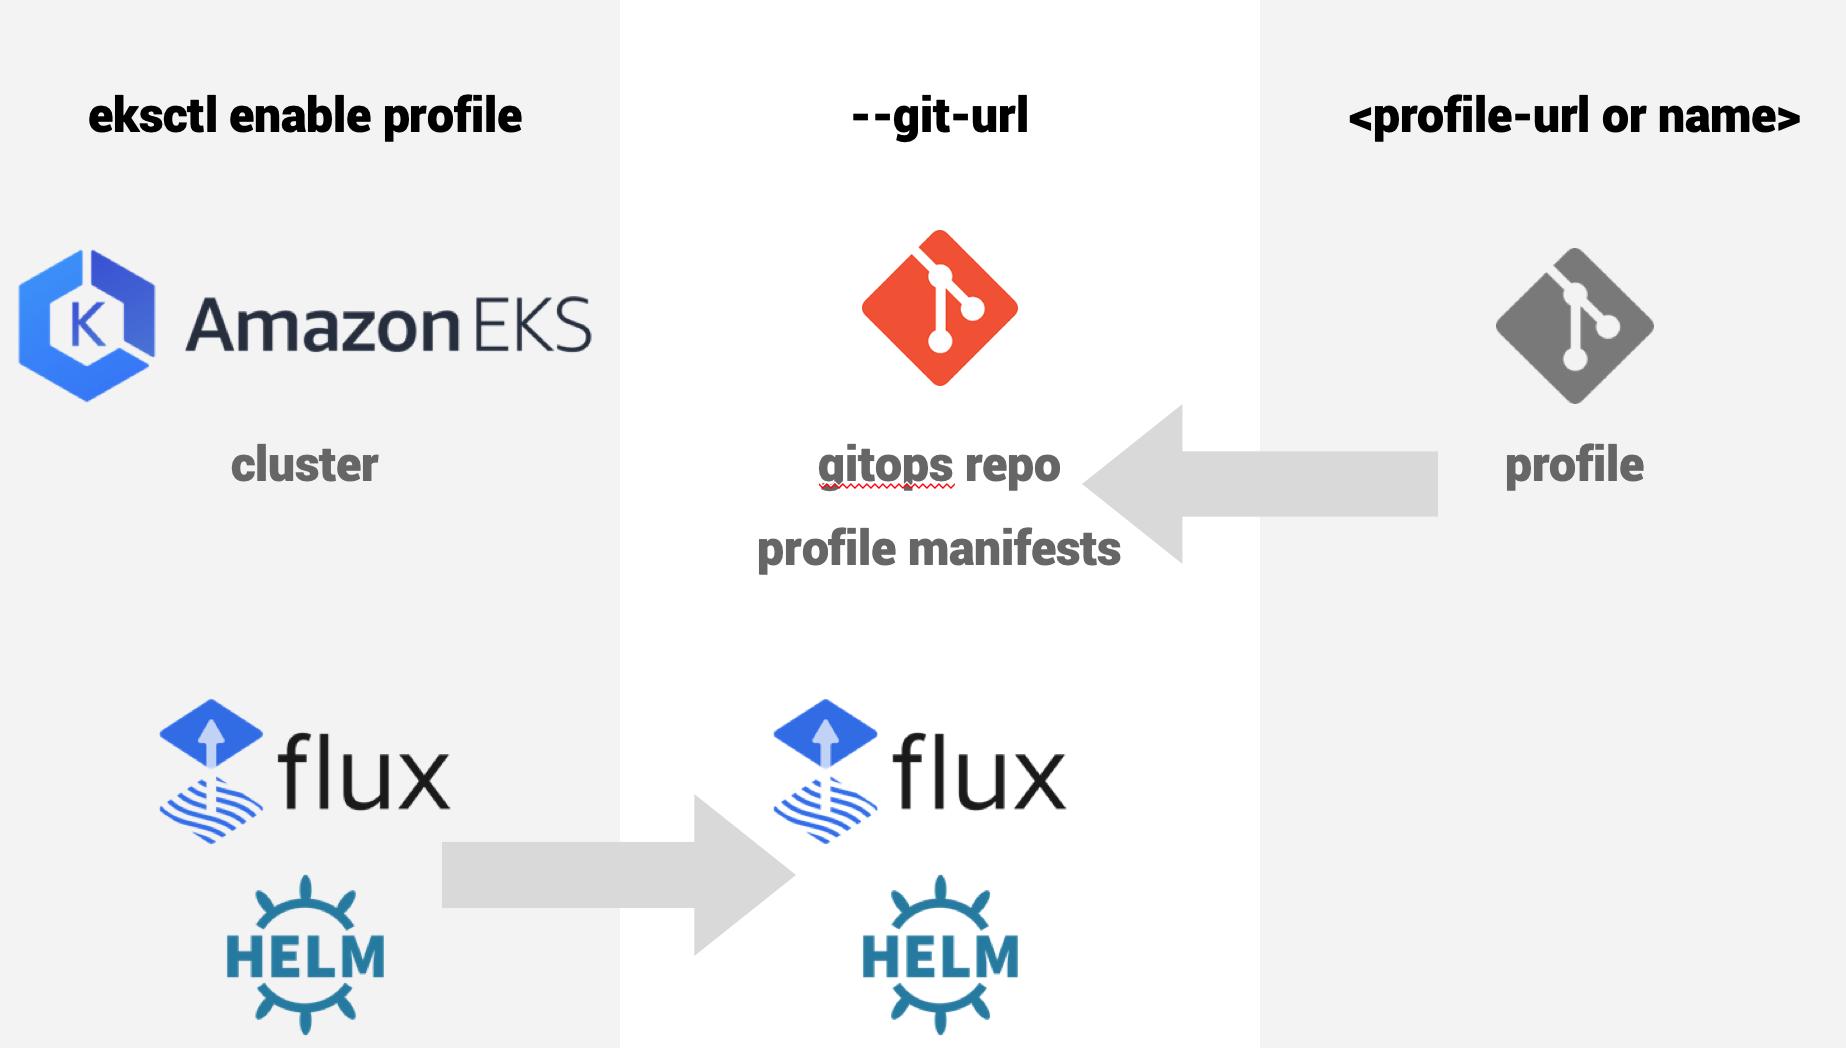 eksctl-profiles-app-stack.png